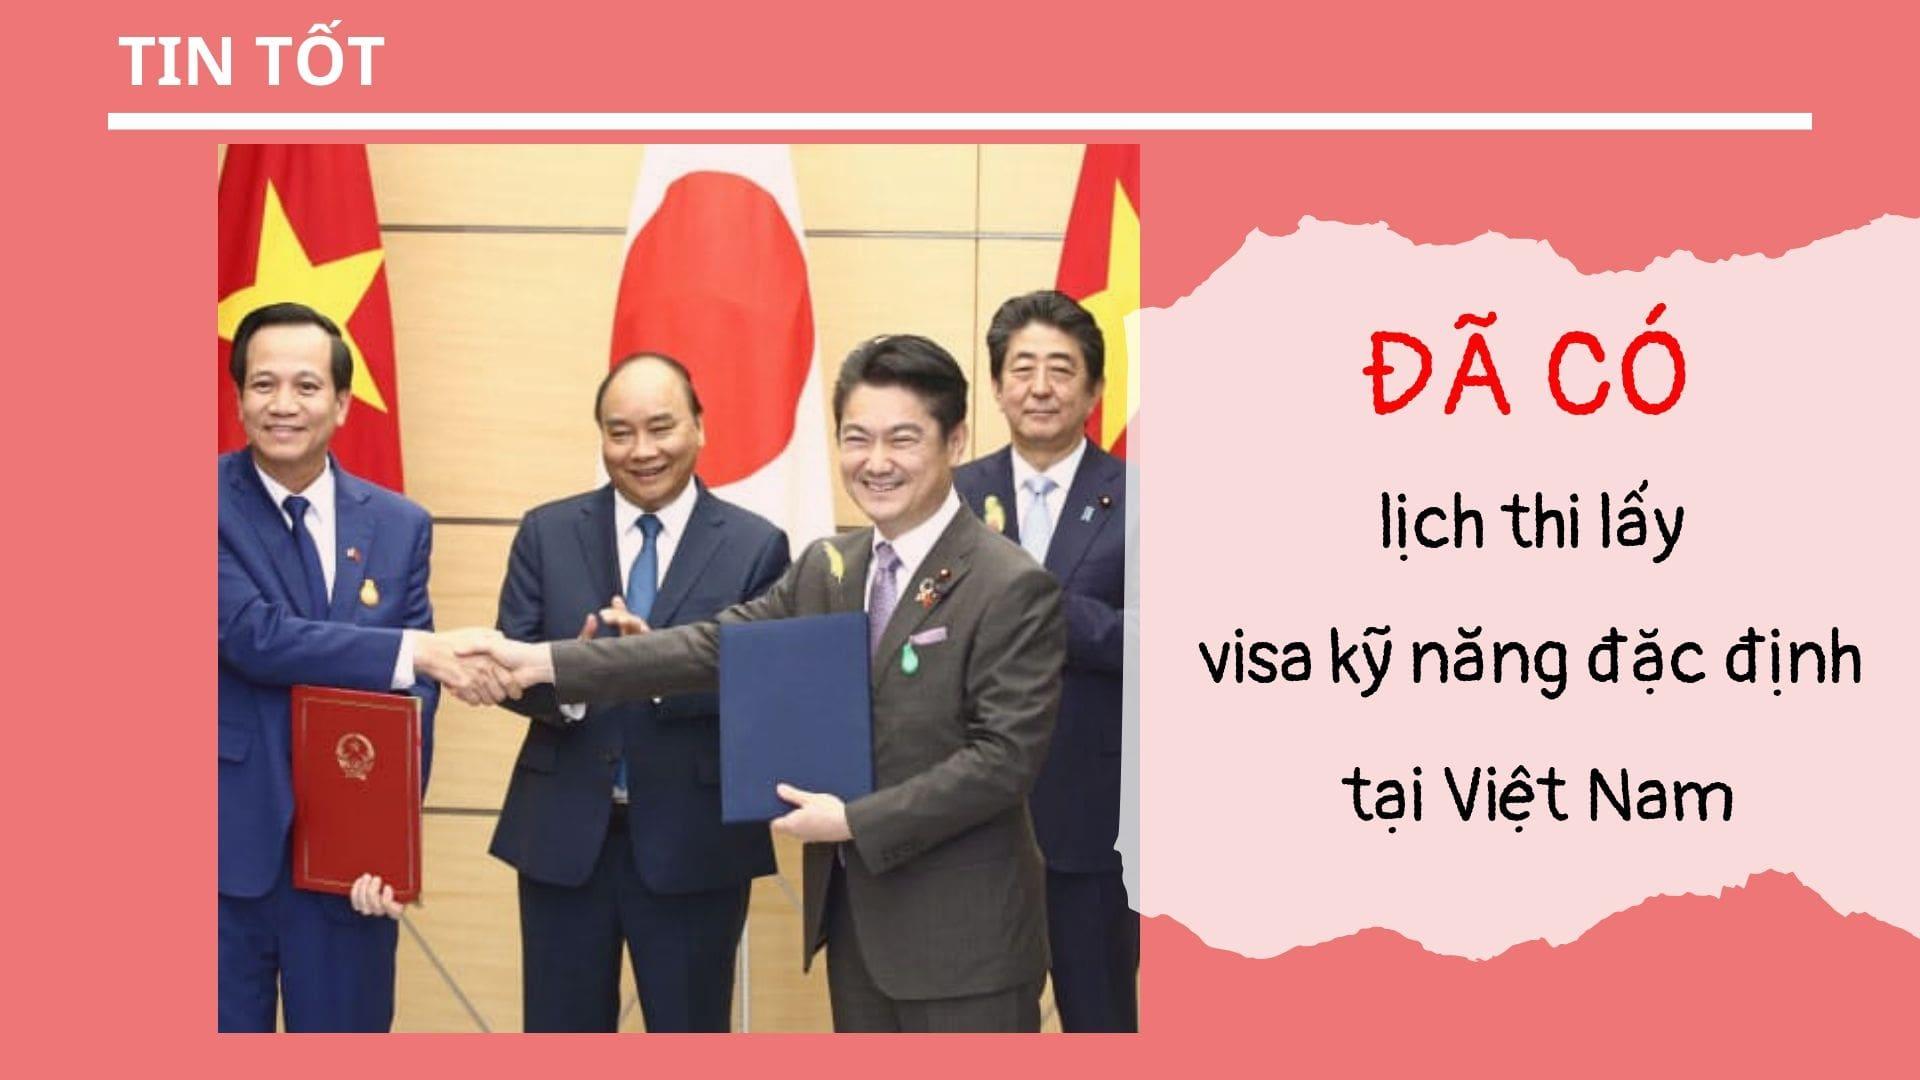 hội thảo trao đổi MOC 23/01/2020 về visa đặc định